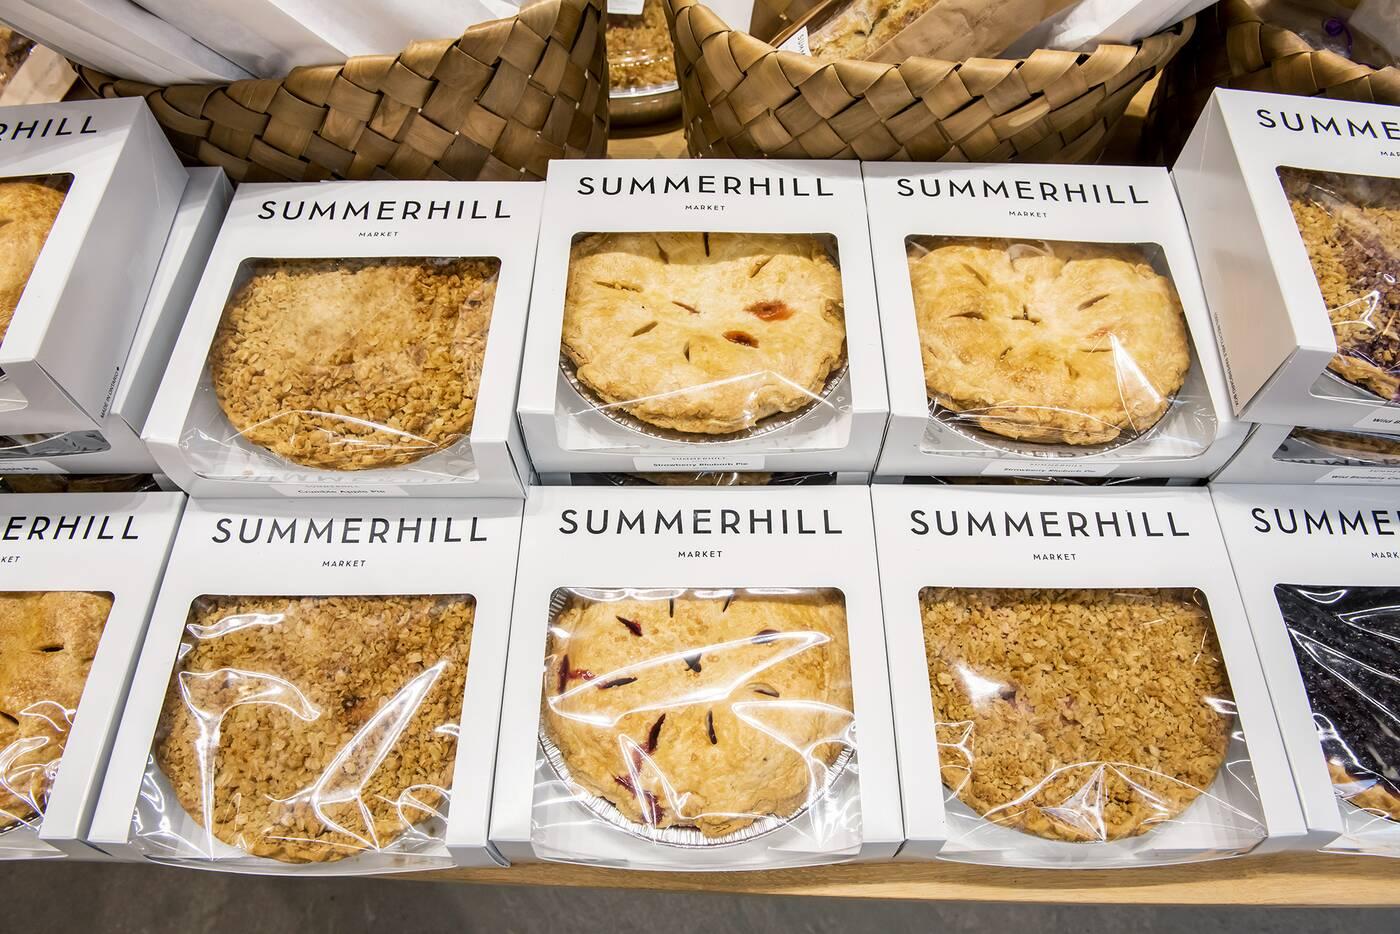 Summerhill Market Toronto